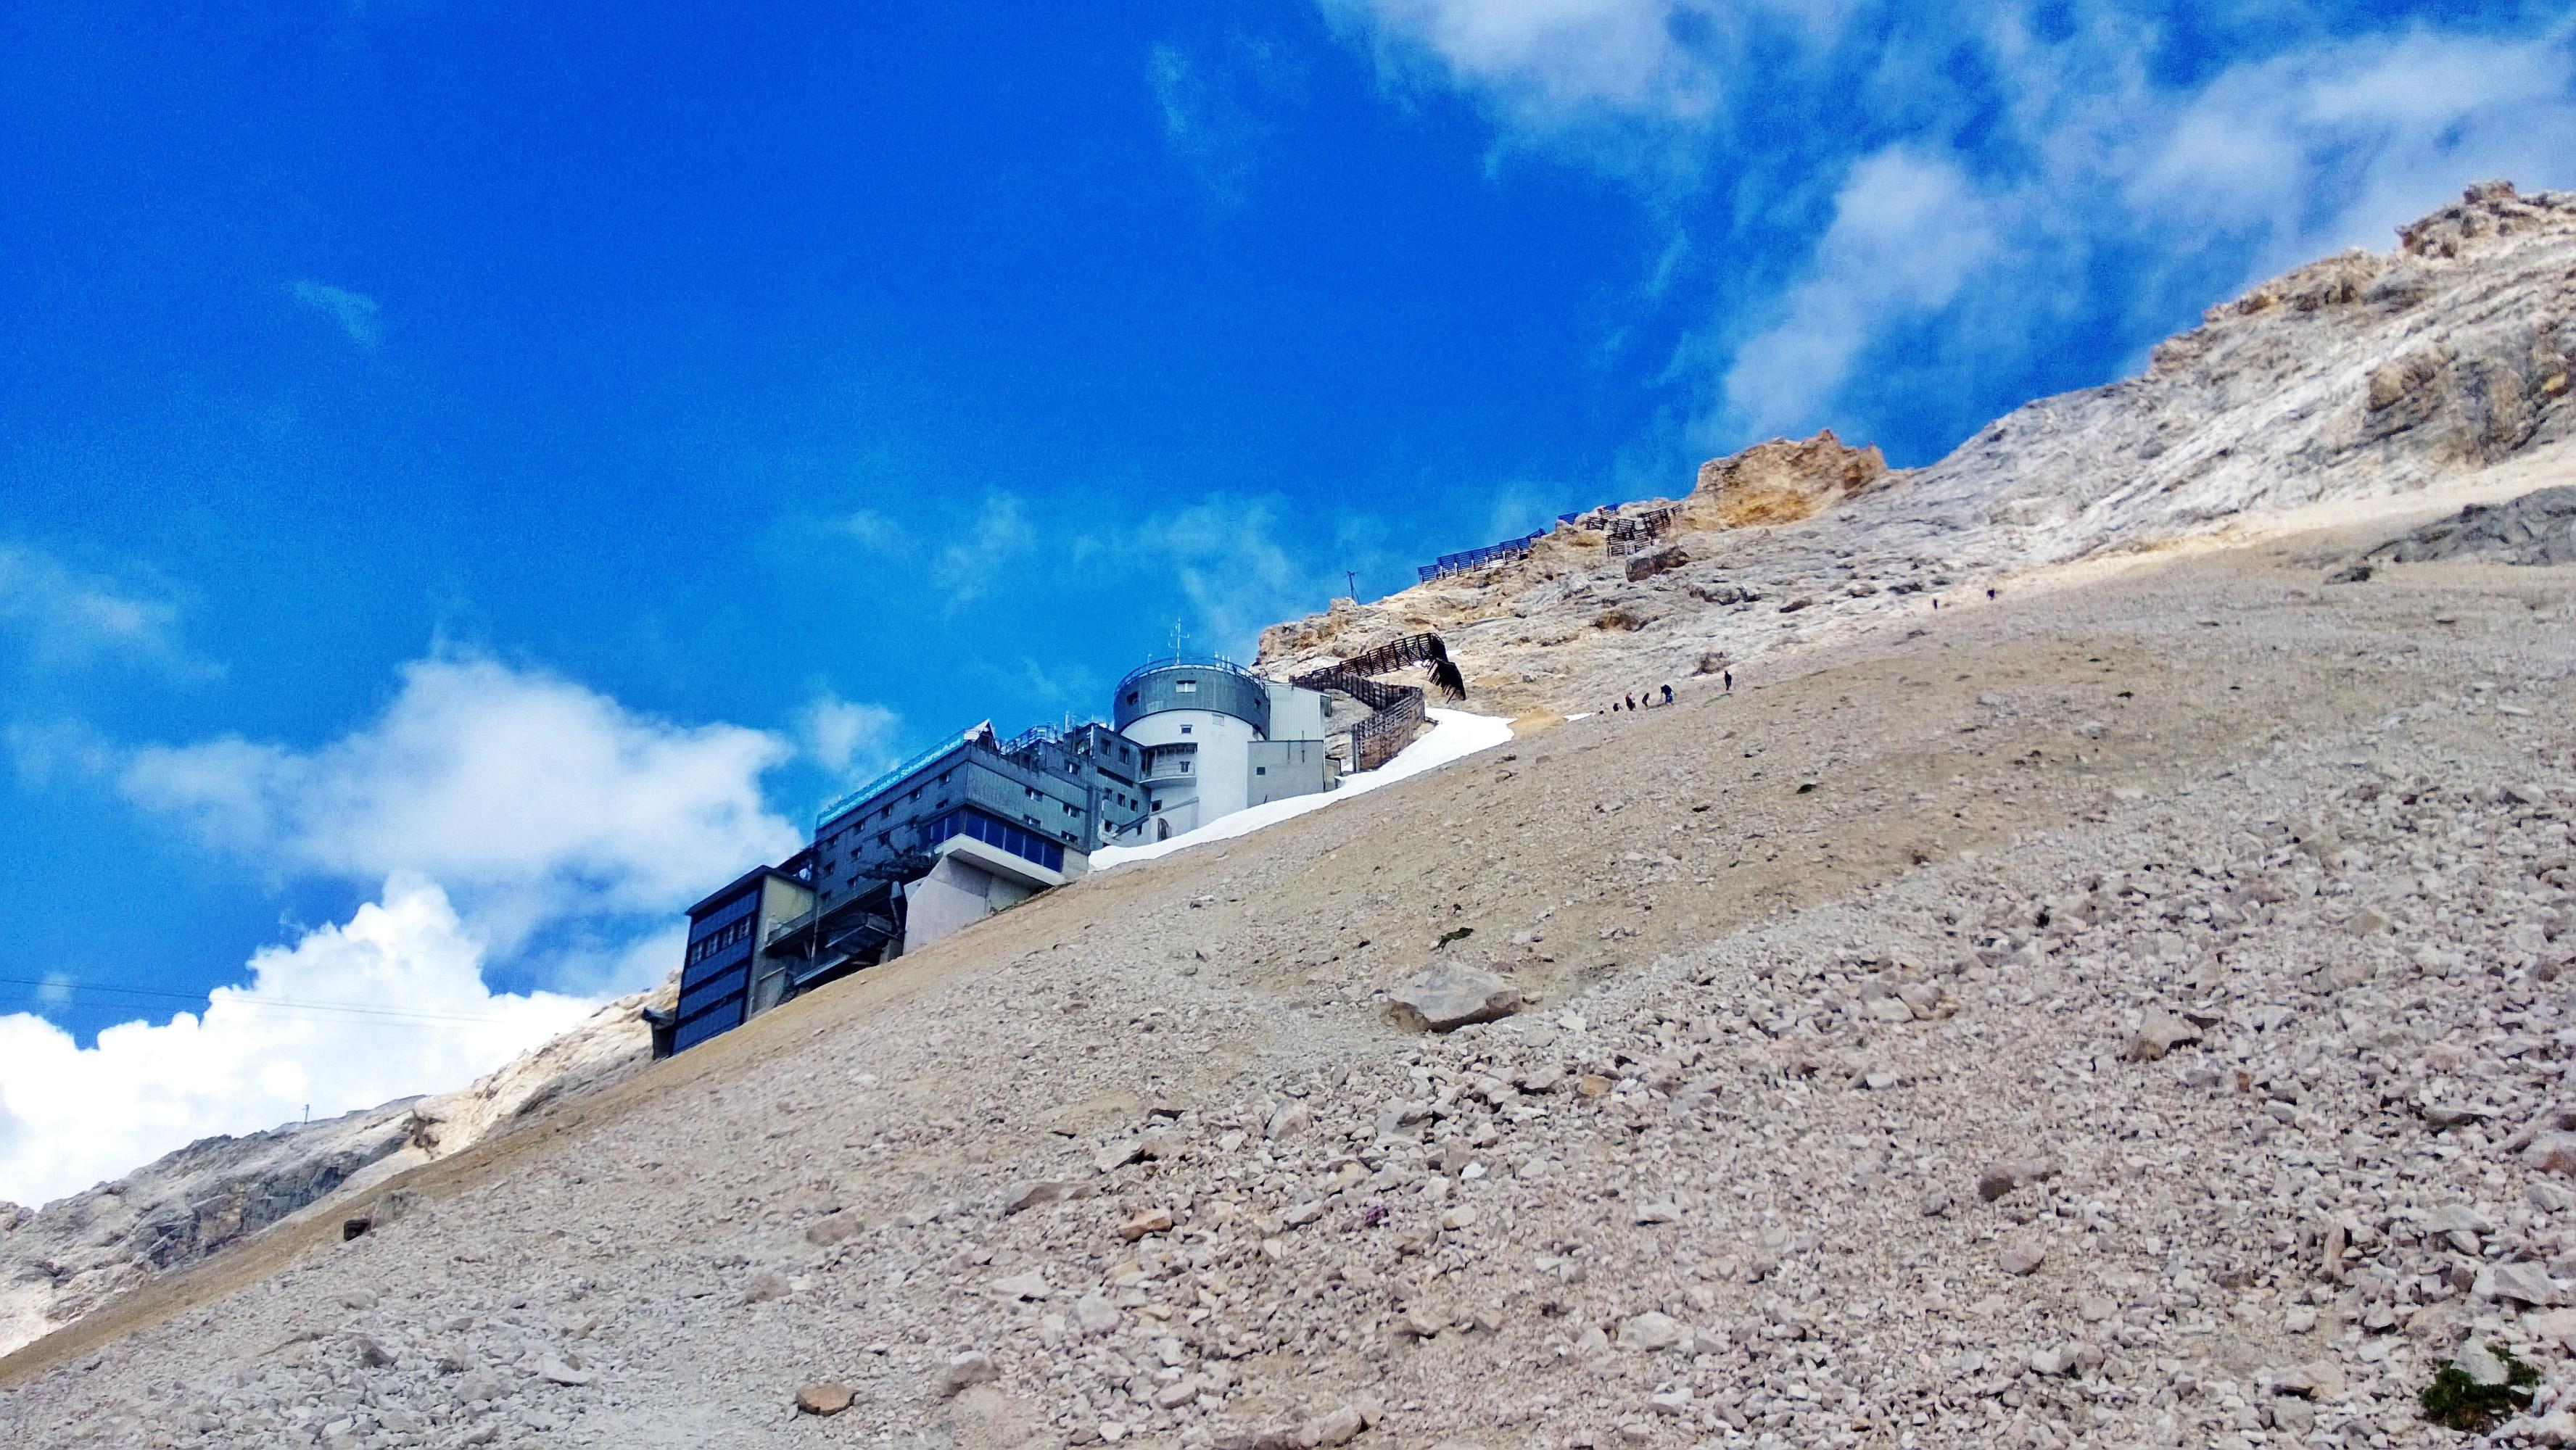 Letzter Aufstieg zur Zugspitze über das Geröllfeld